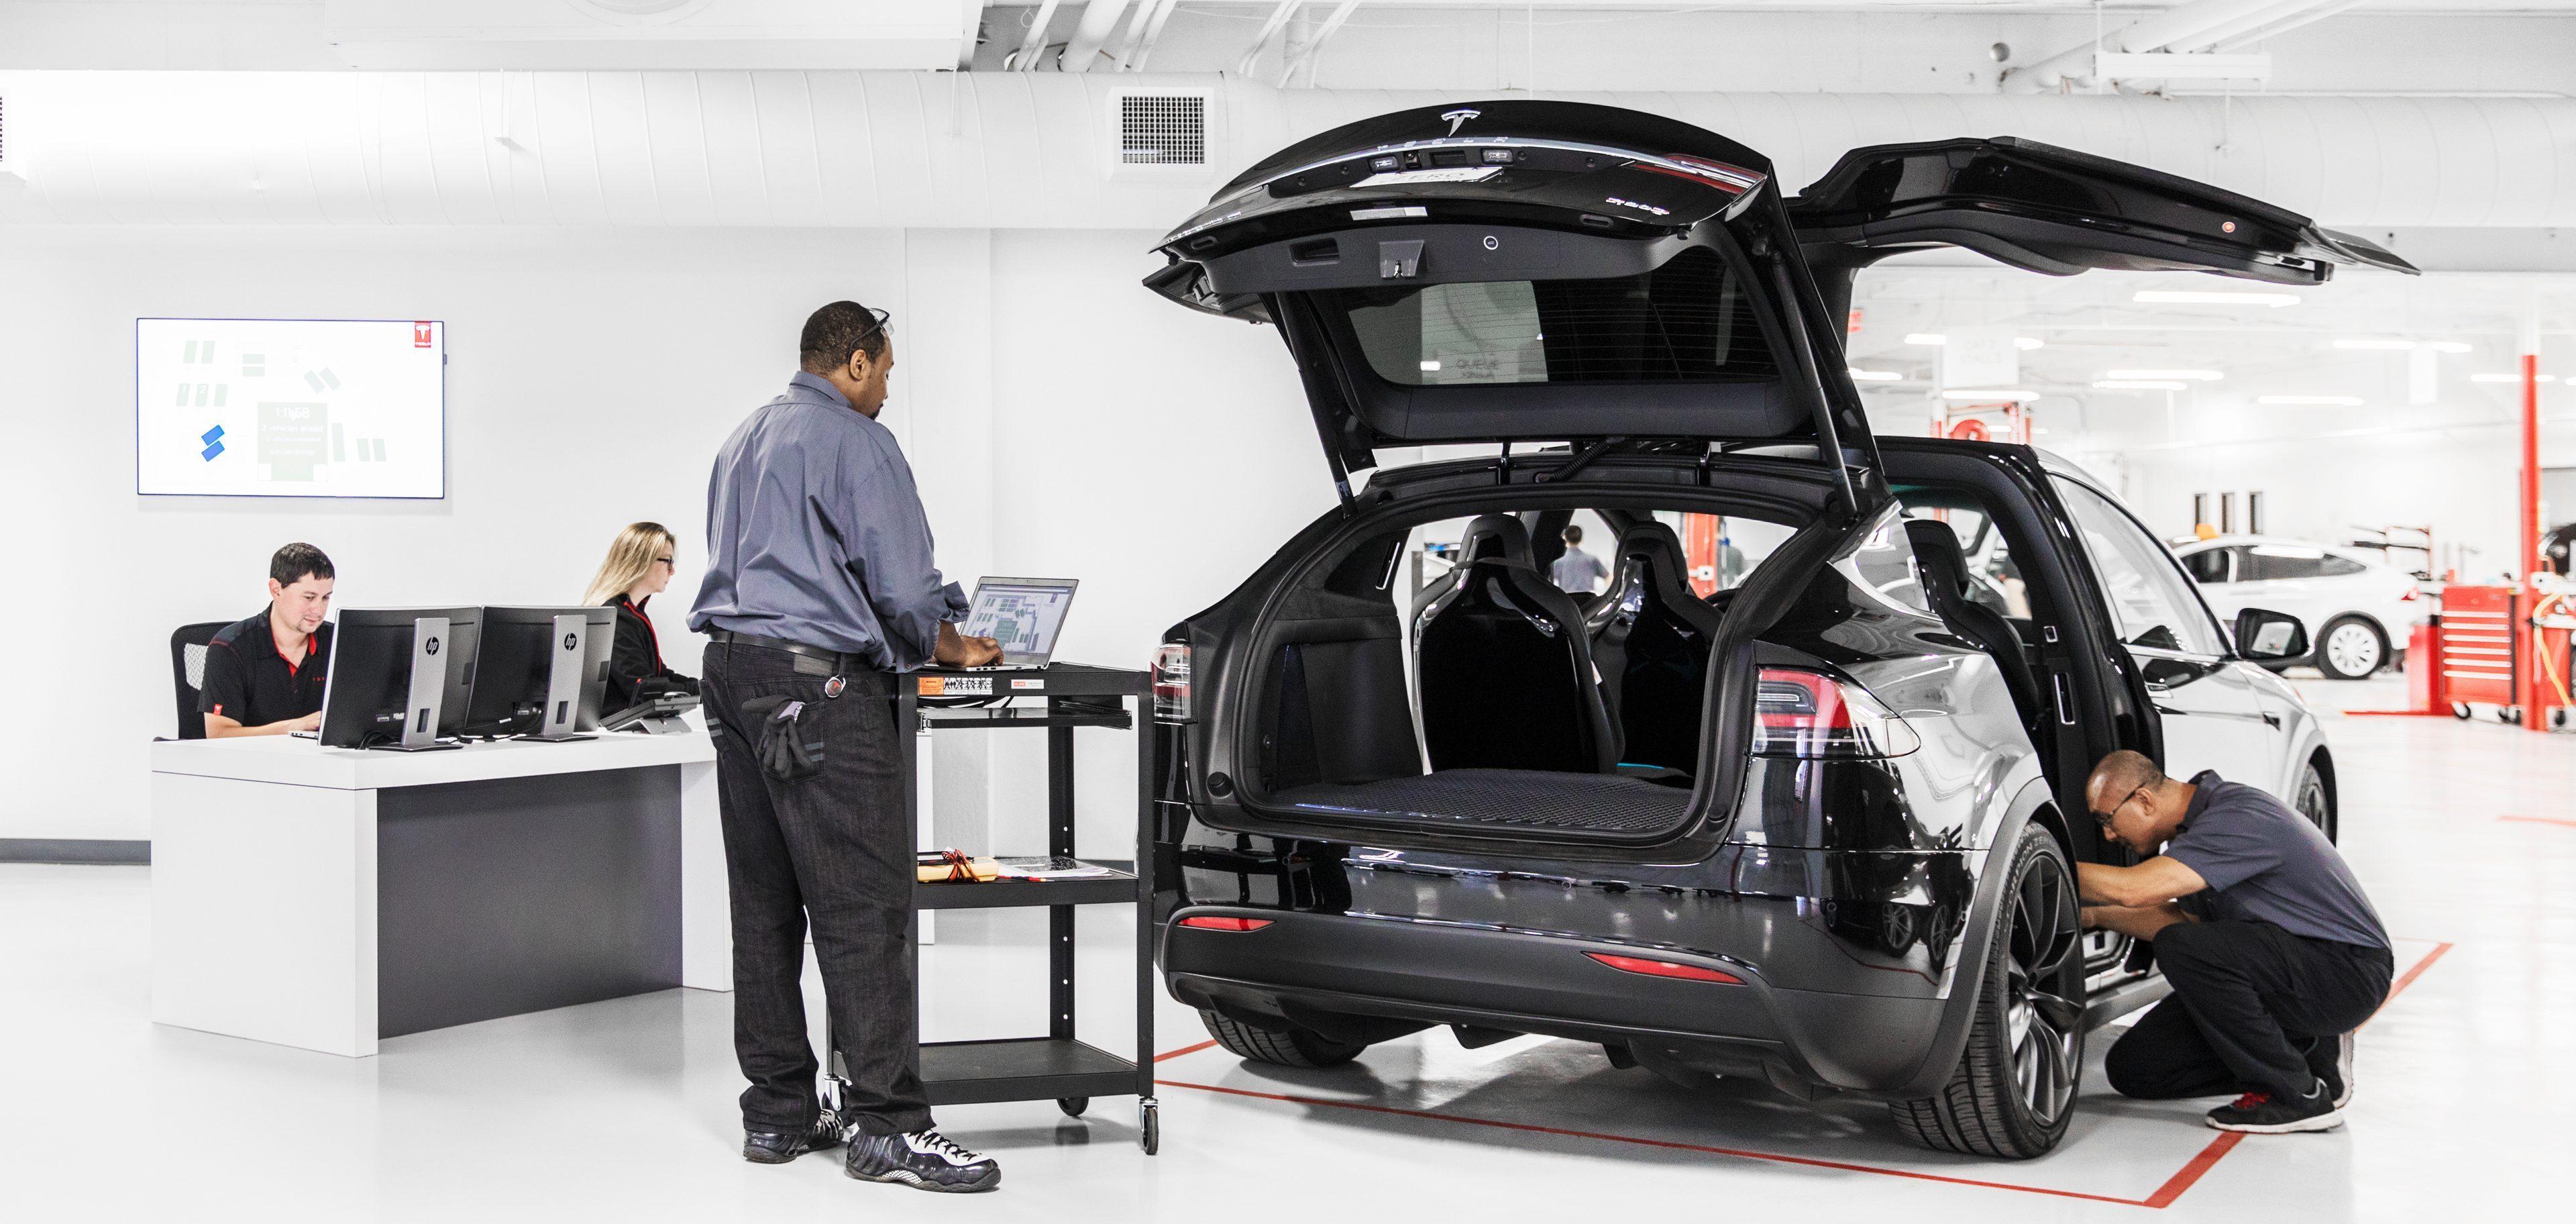 Tesla musi ciąć koszty, inaczej firmie w ciągu 10 miesięcy zabraknie pieniędzy